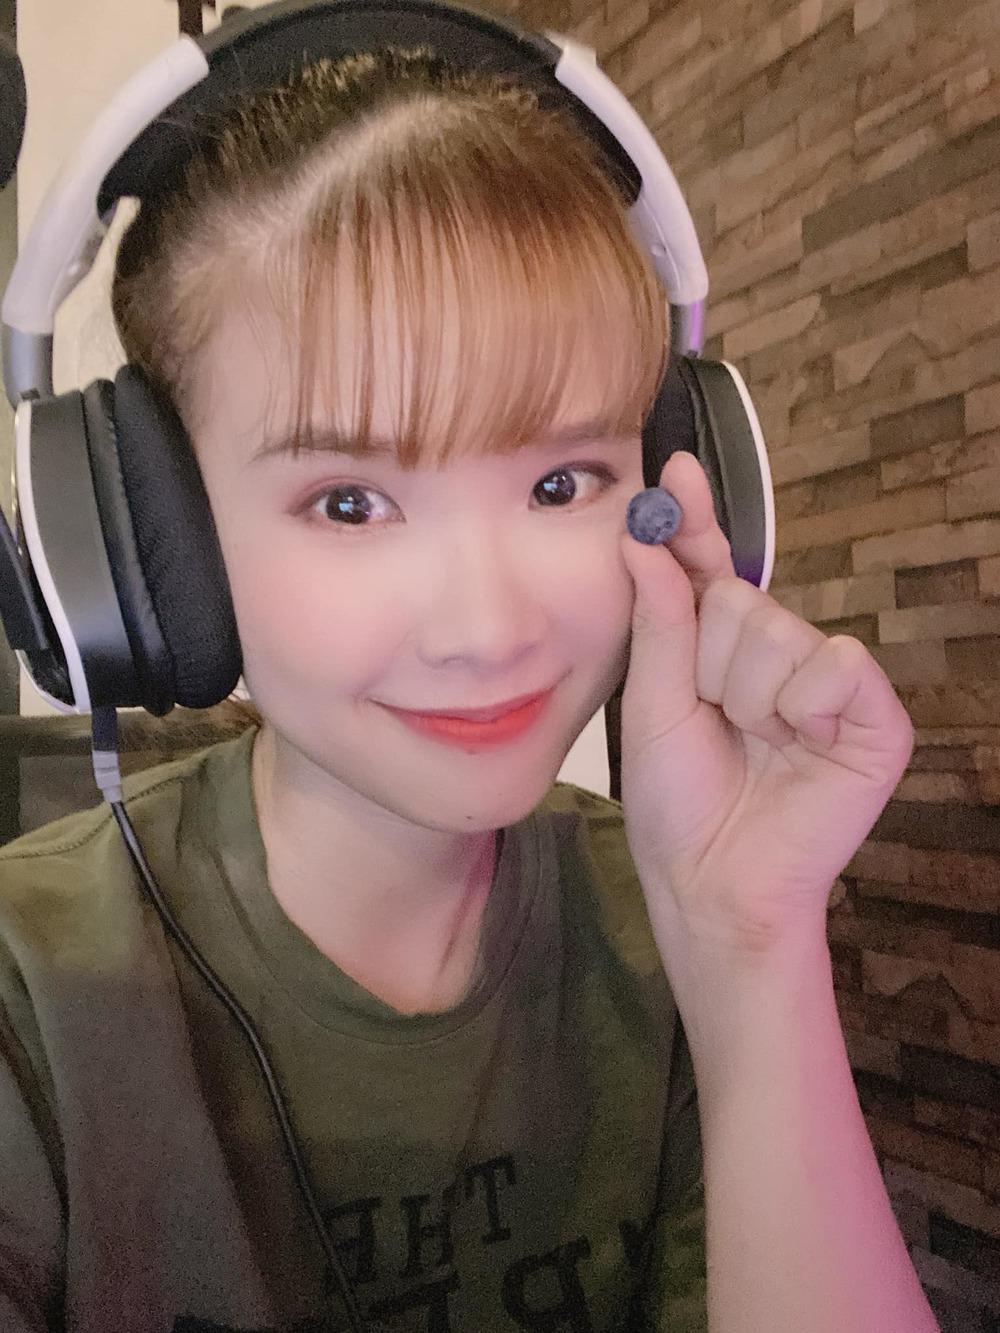 Cách ca sĩ Việt phản ứng khi bị chê hết thời: Hà Hồ, Bảo Thy không quan tâm, Khởi My đáp trả cực gắt 5